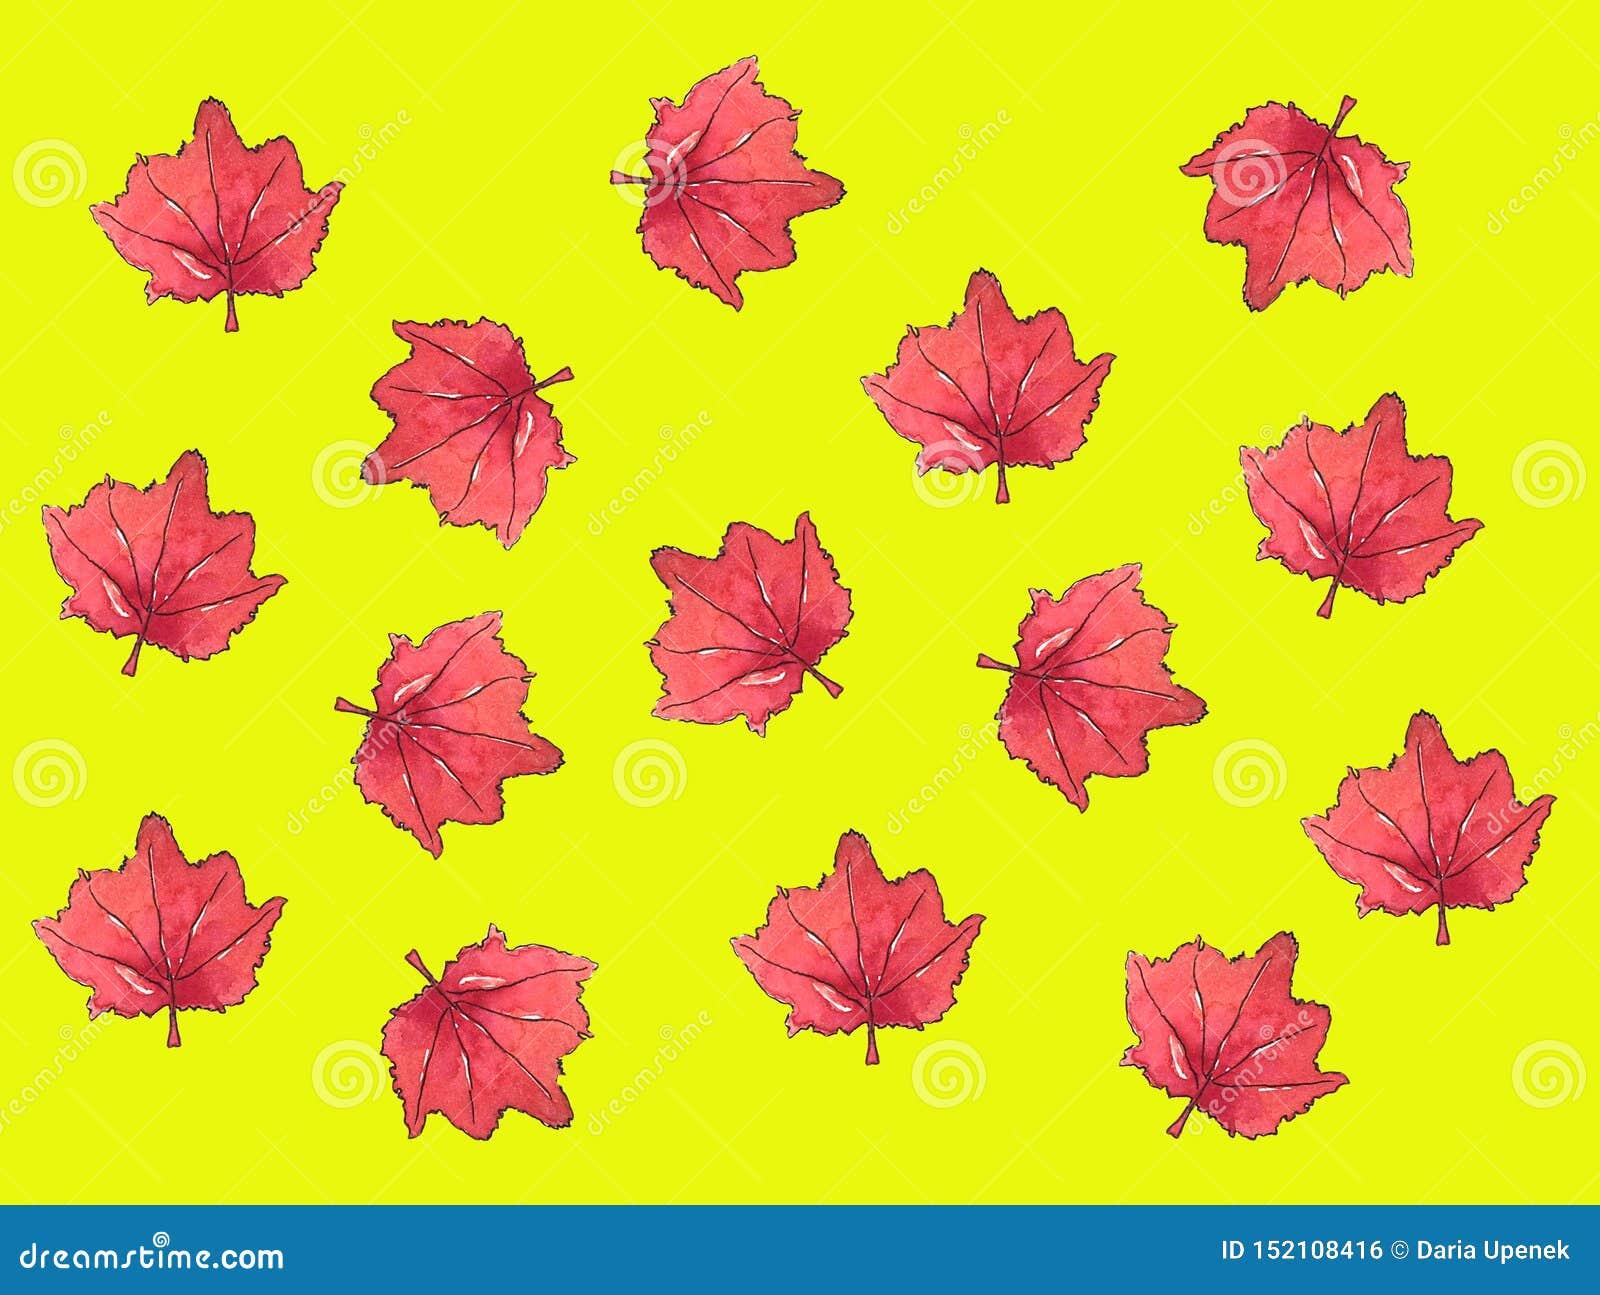 De waterverf van het van het achtergrond esdoornblad de herfstpatroon esdoornblad